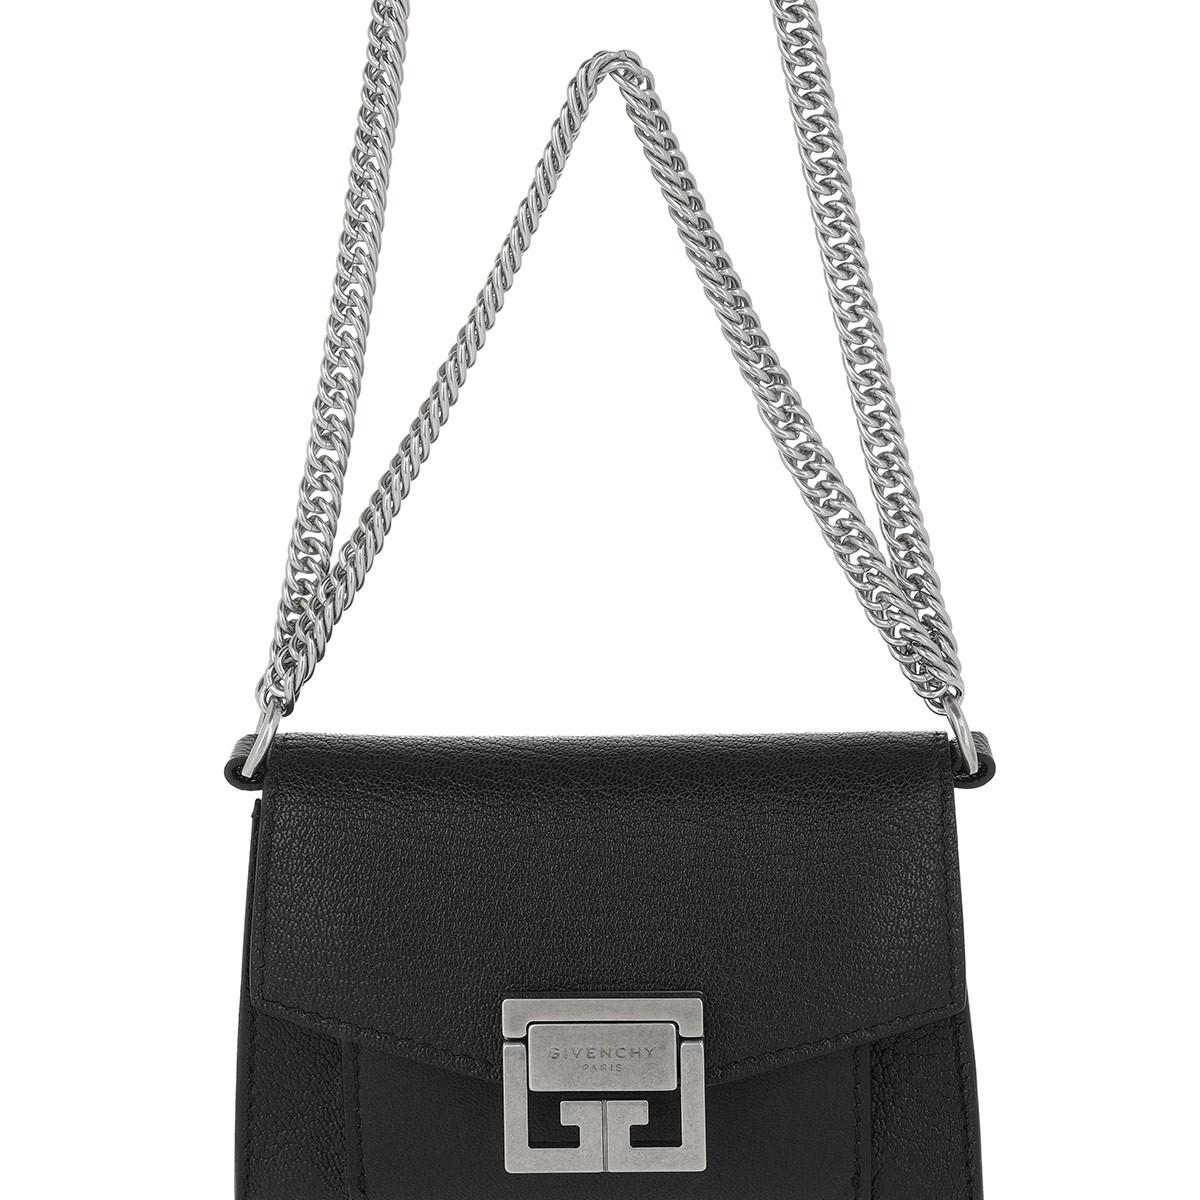 Givenchy Suede Gv3 Nano Crossbody Bag Black